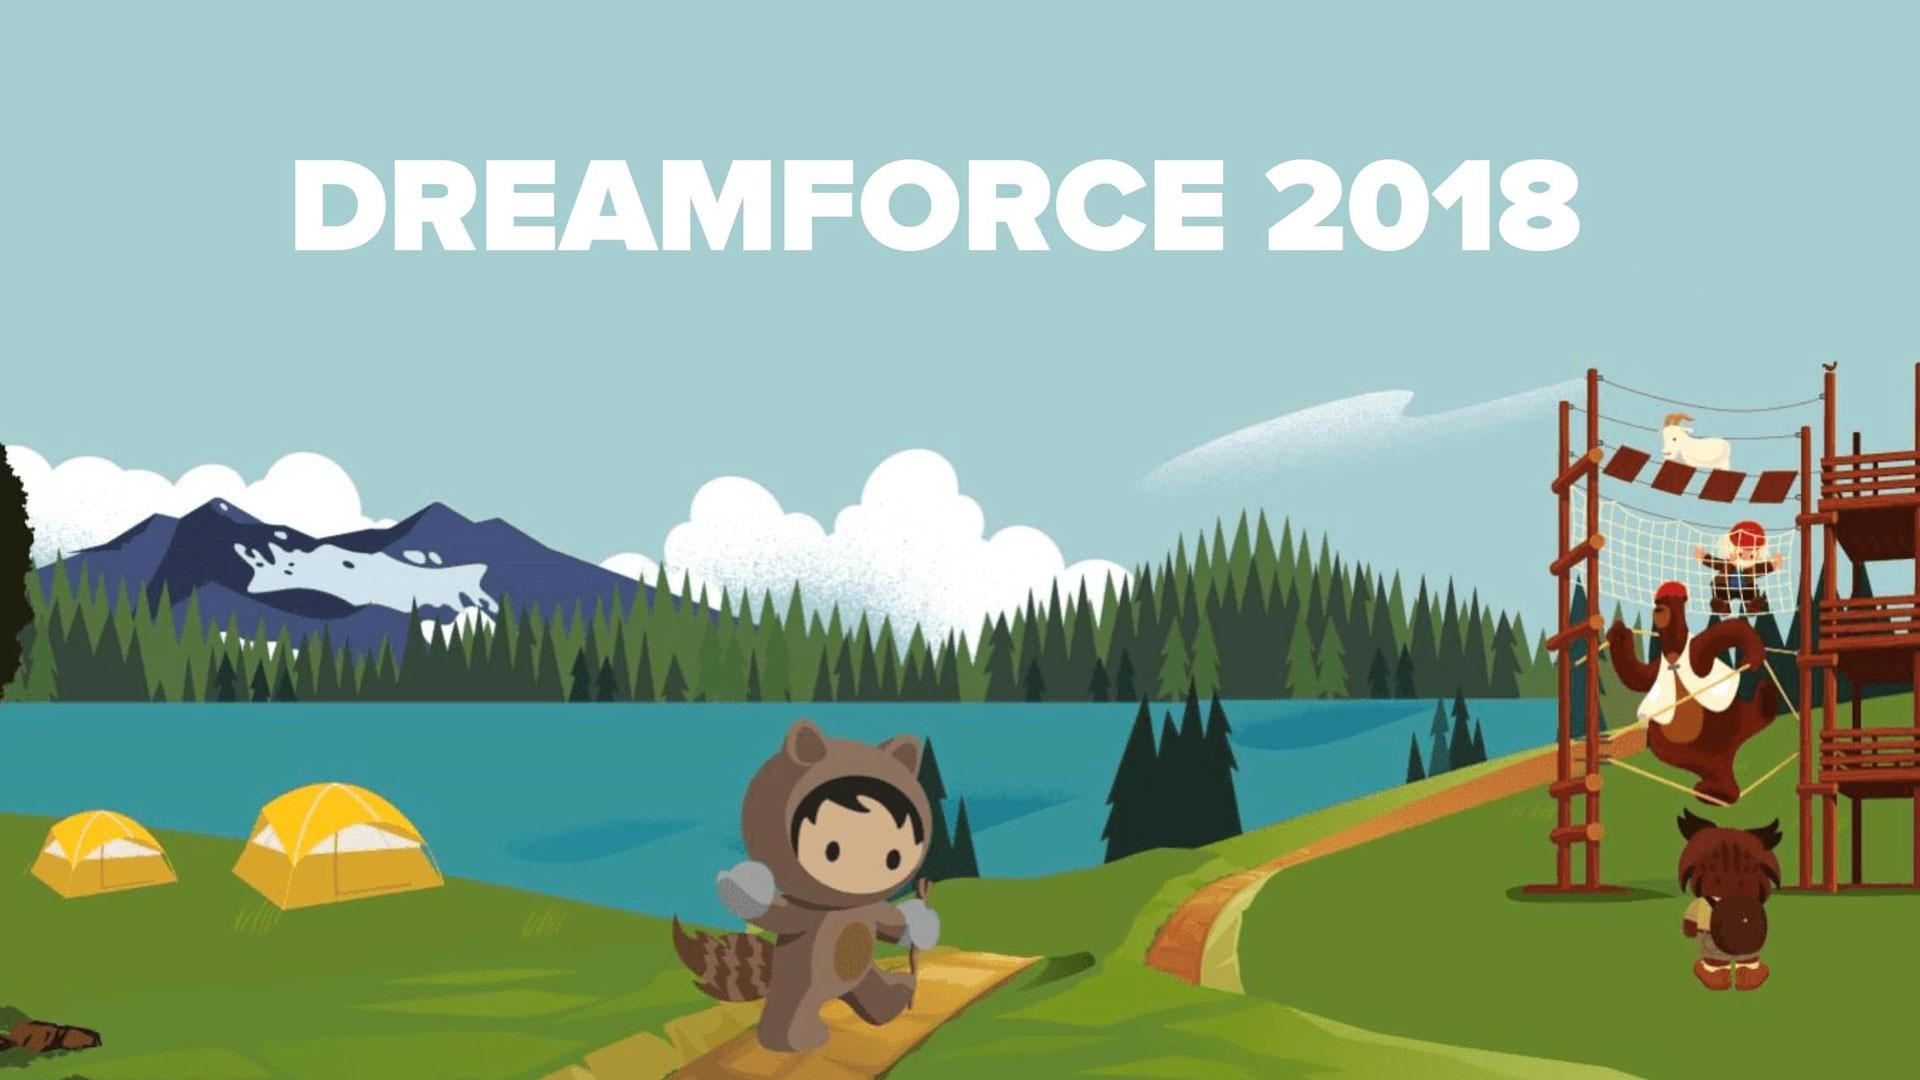 Join-us-at-Dreamforce-2018!